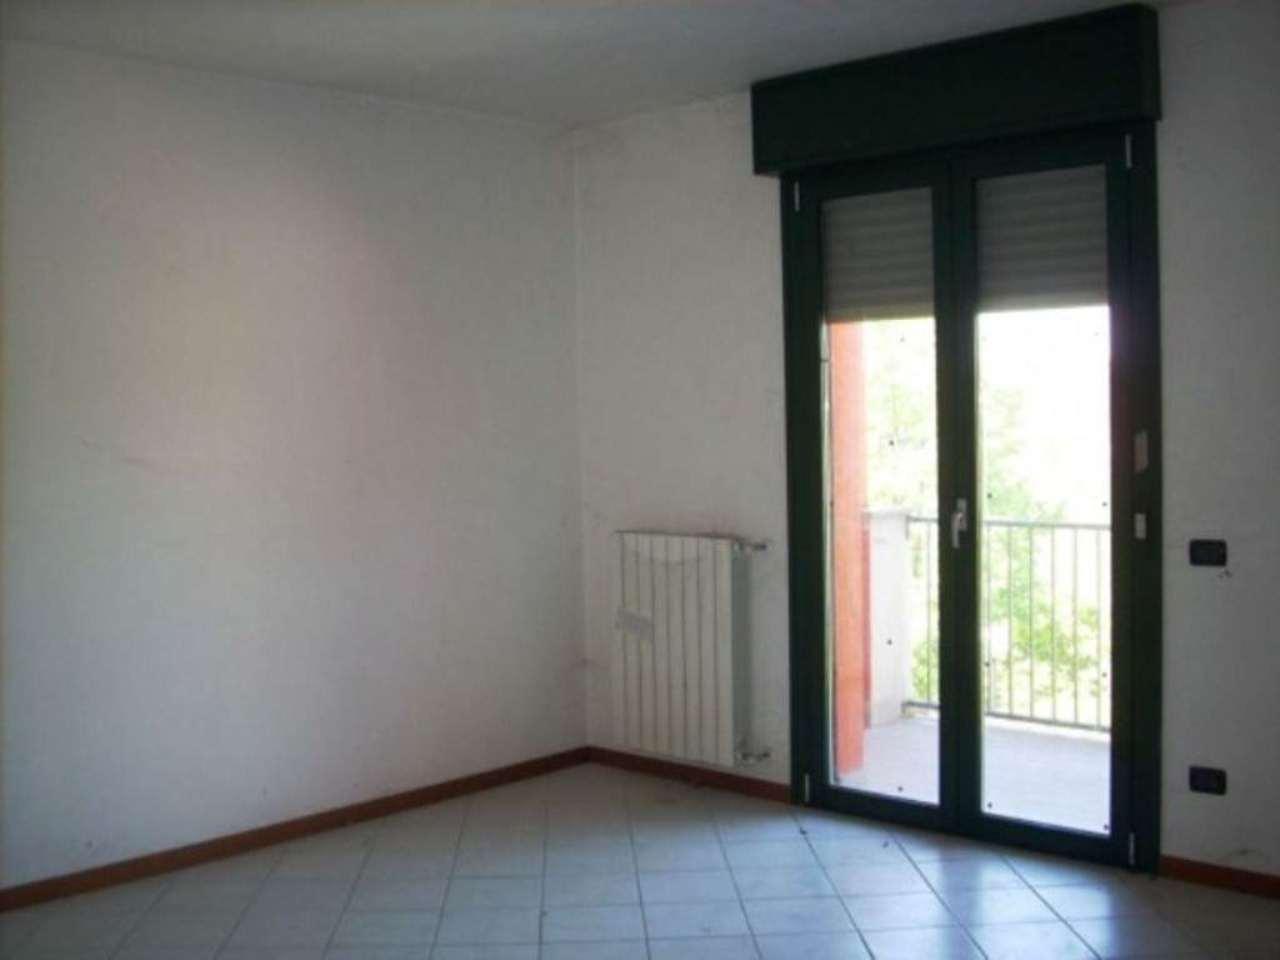 Appartamento in vendita a Fara Olivana con Sola, 3 locali, prezzo € 115.000 | Cambio Casa.it